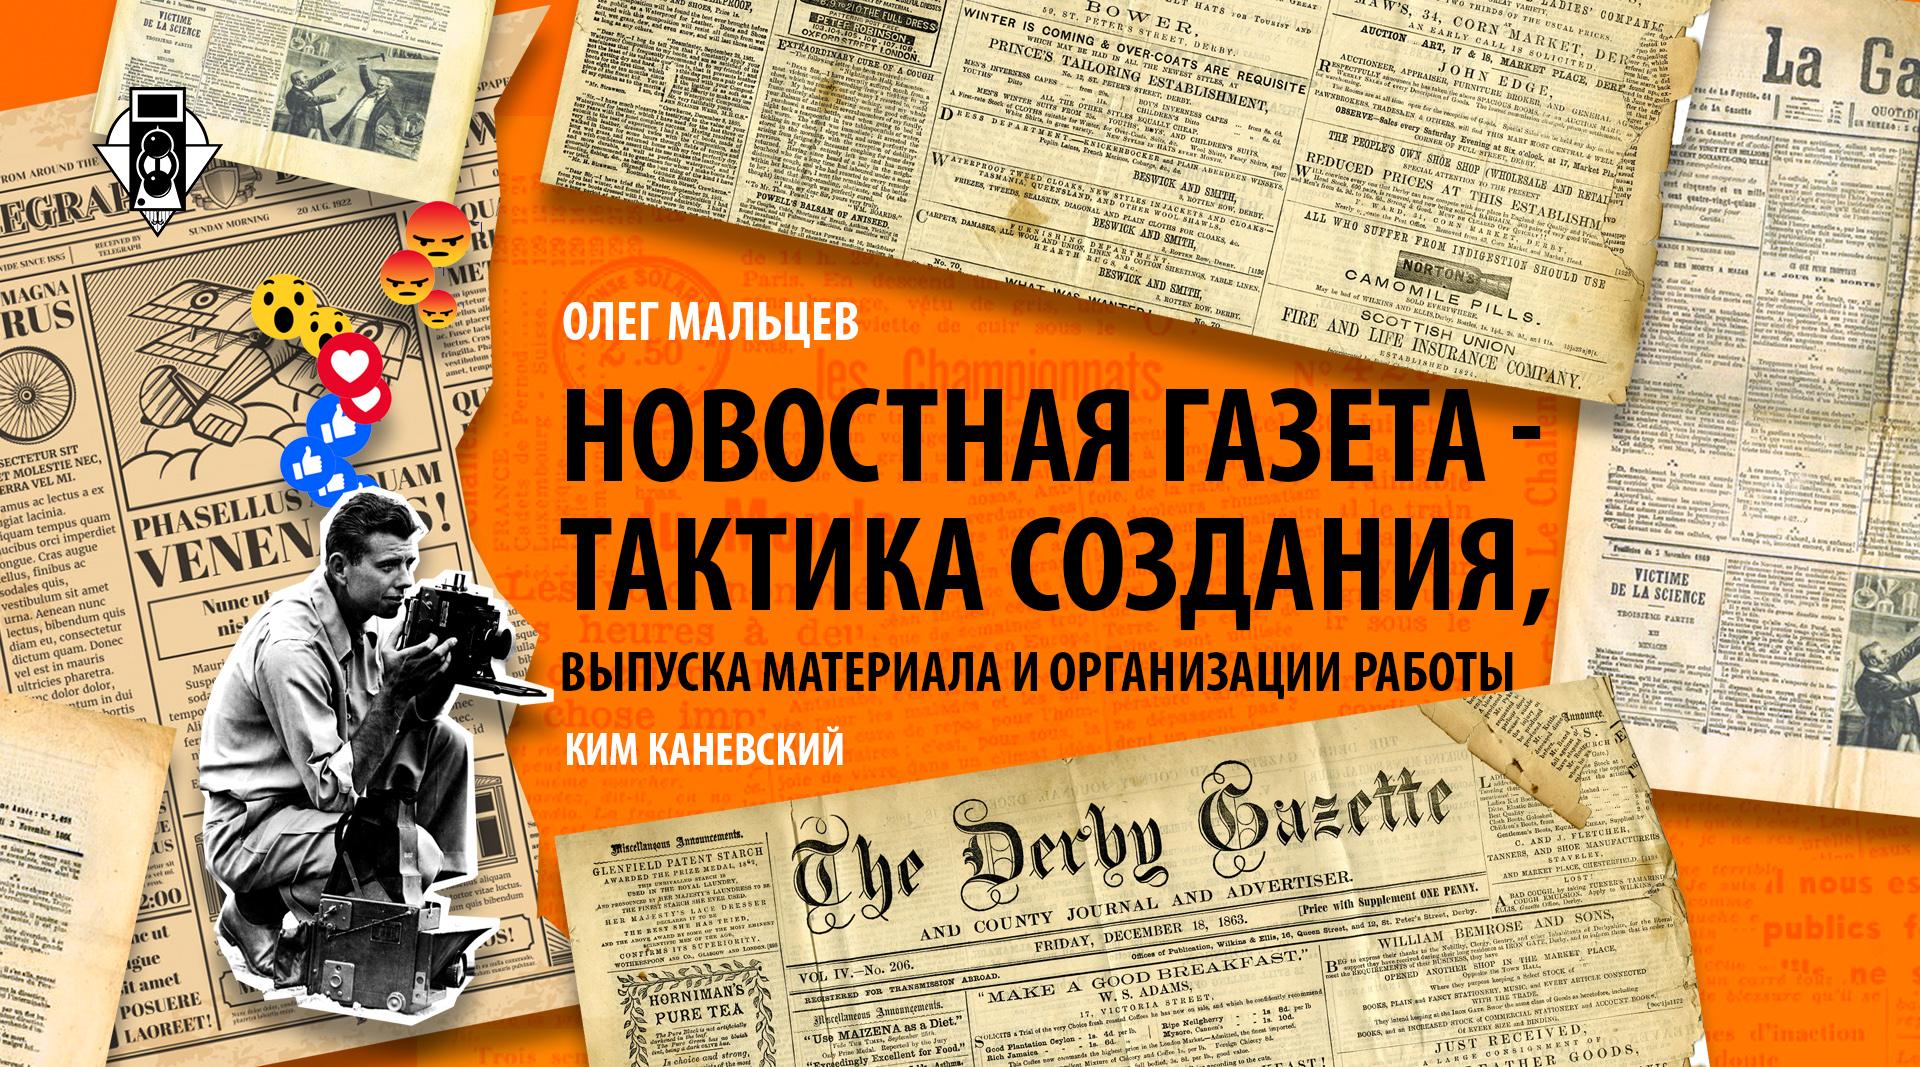 Книга «Новостная газета — тактика создания, выпуска материала и организации работы»